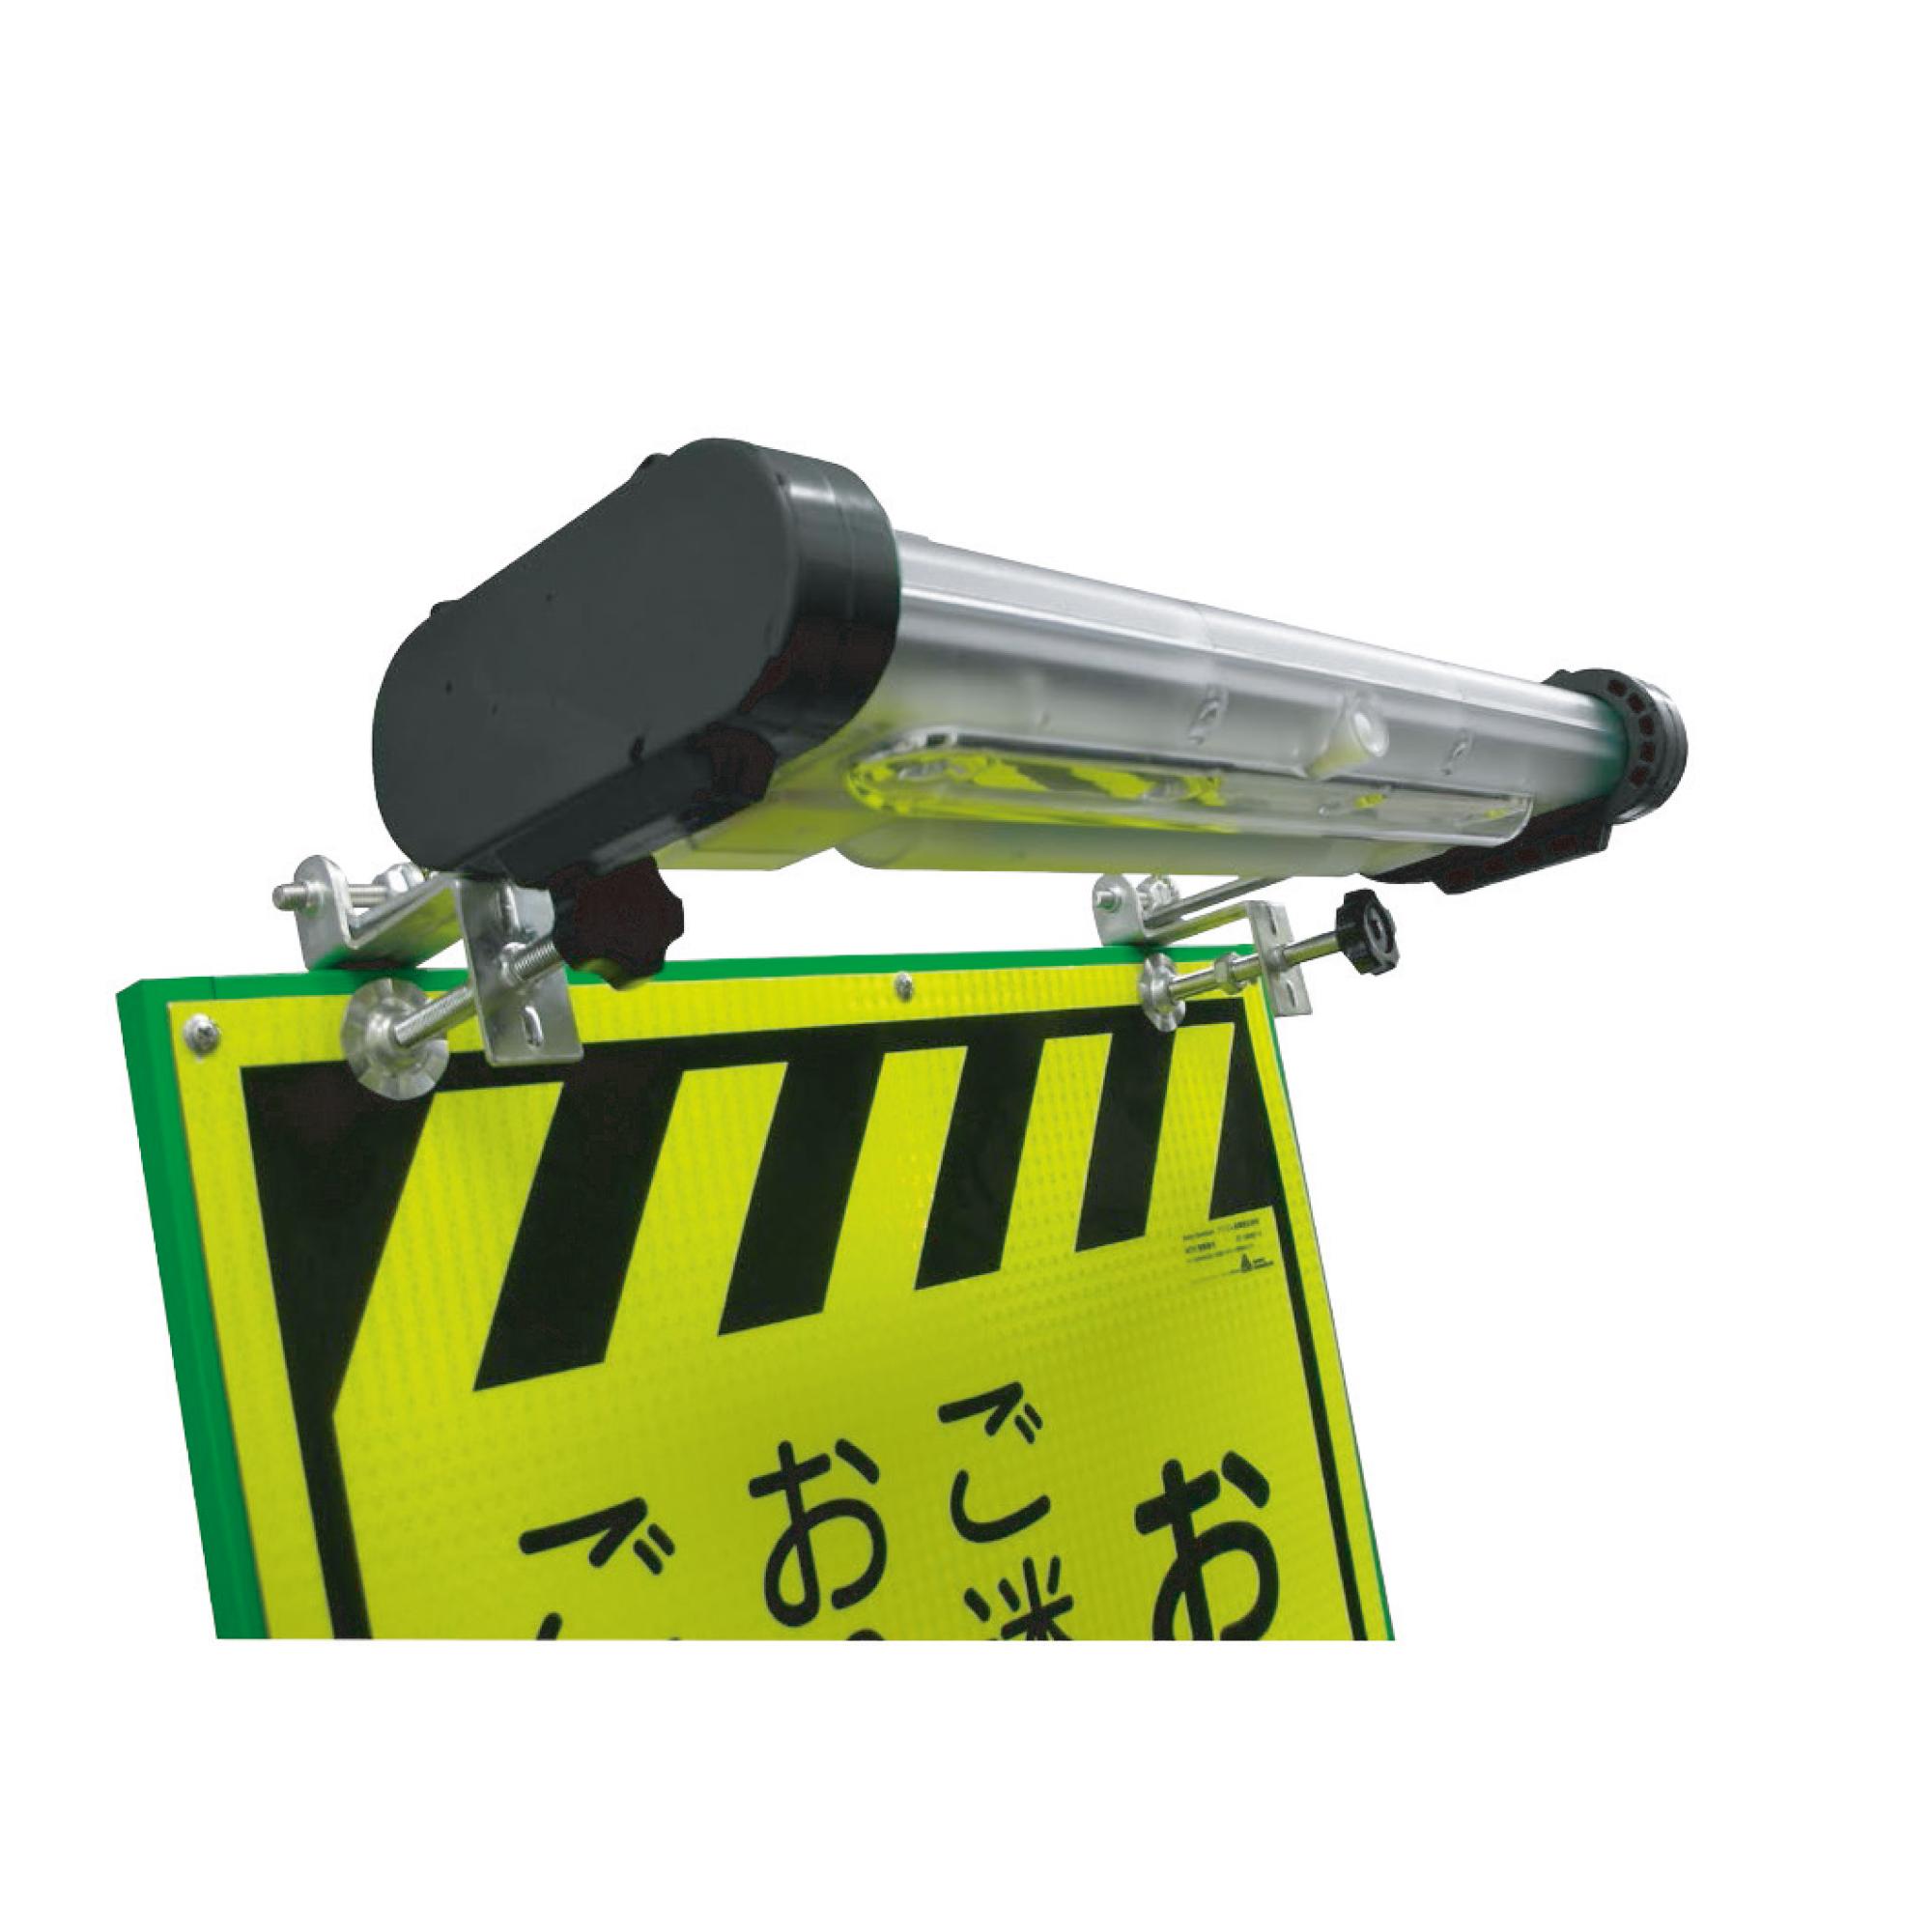 モーションECOライトW/G人感センサー付照明灯